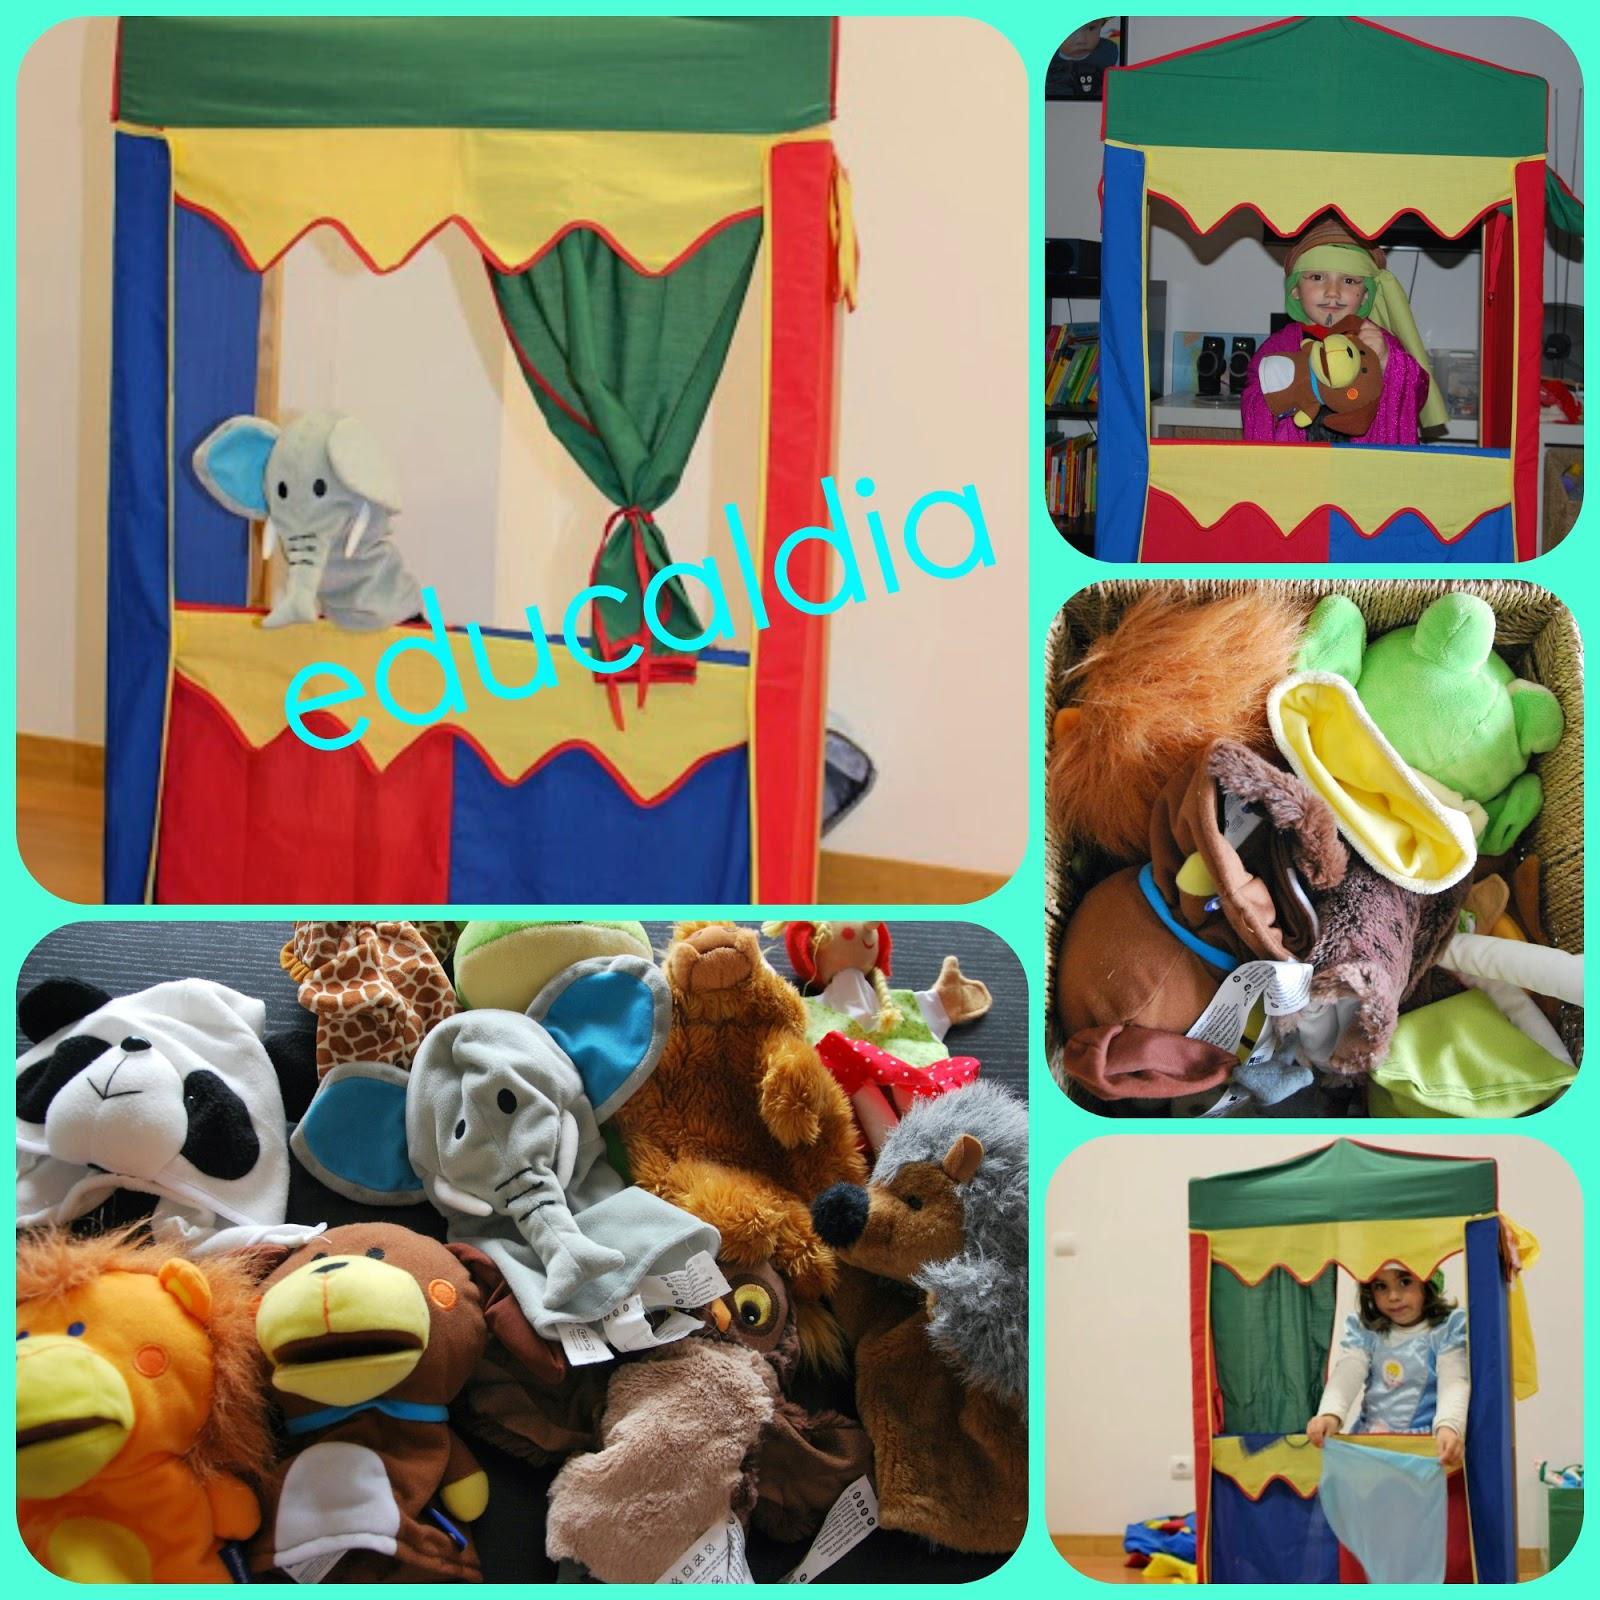 teatro infantil, actividad niños, educación en casa, homeschooling